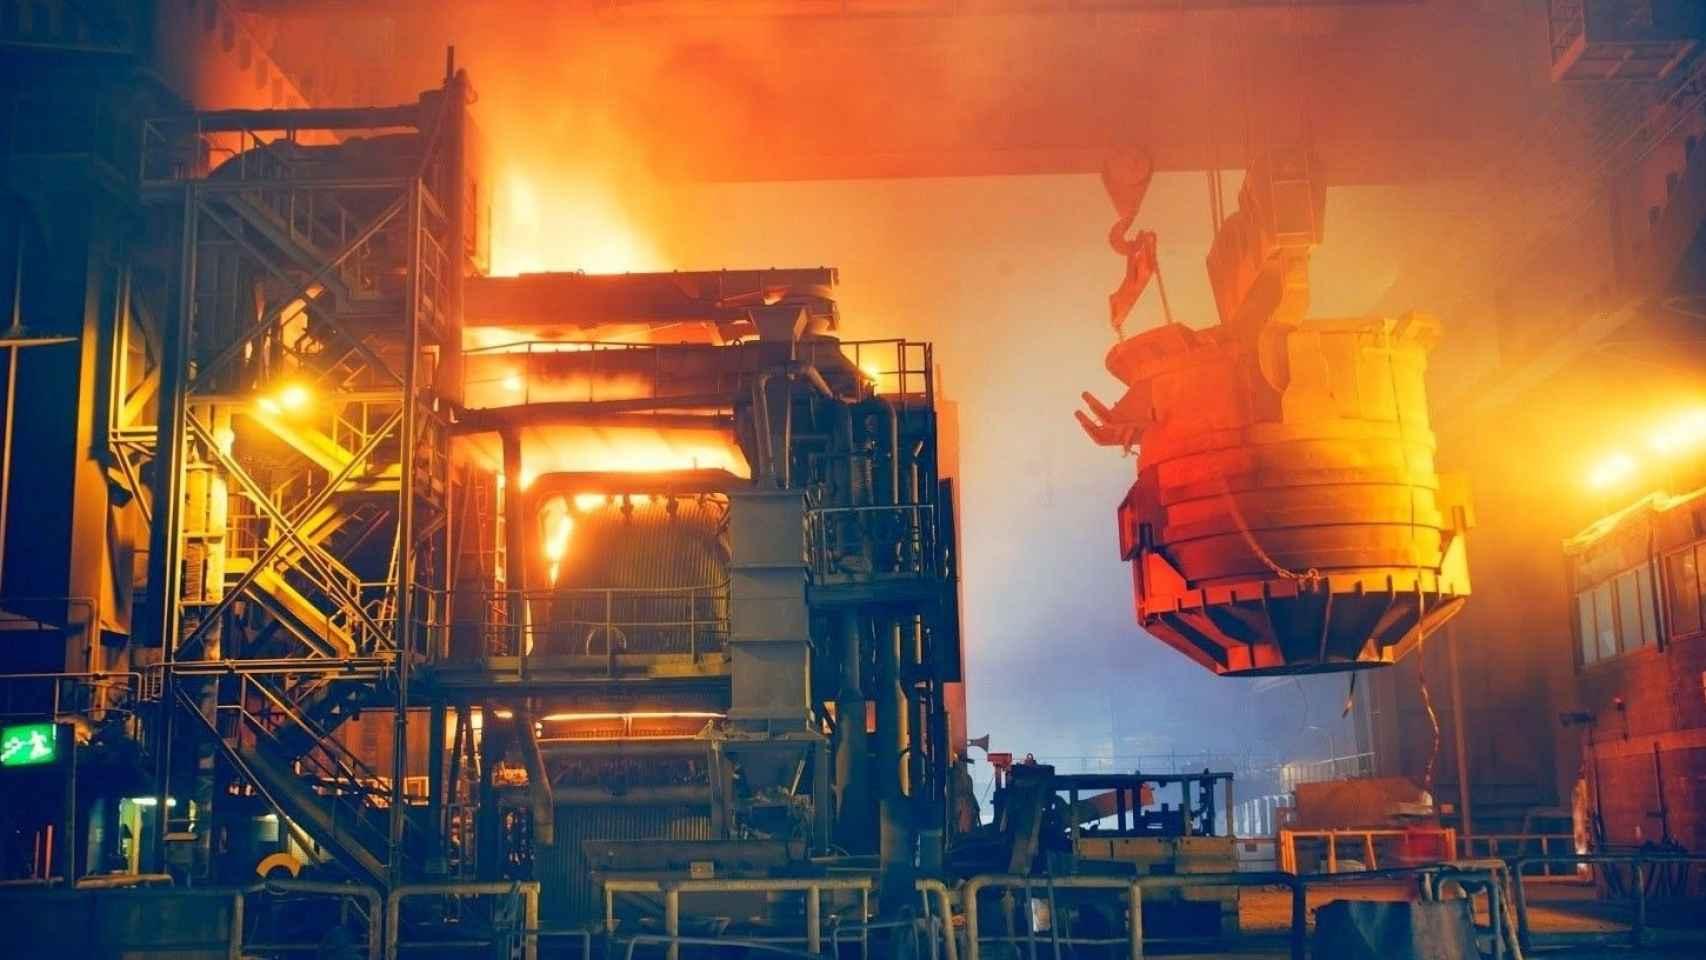 La siderúrgica Celsa pide a la SEPI salvar la compañía con proyectos de descarbonización